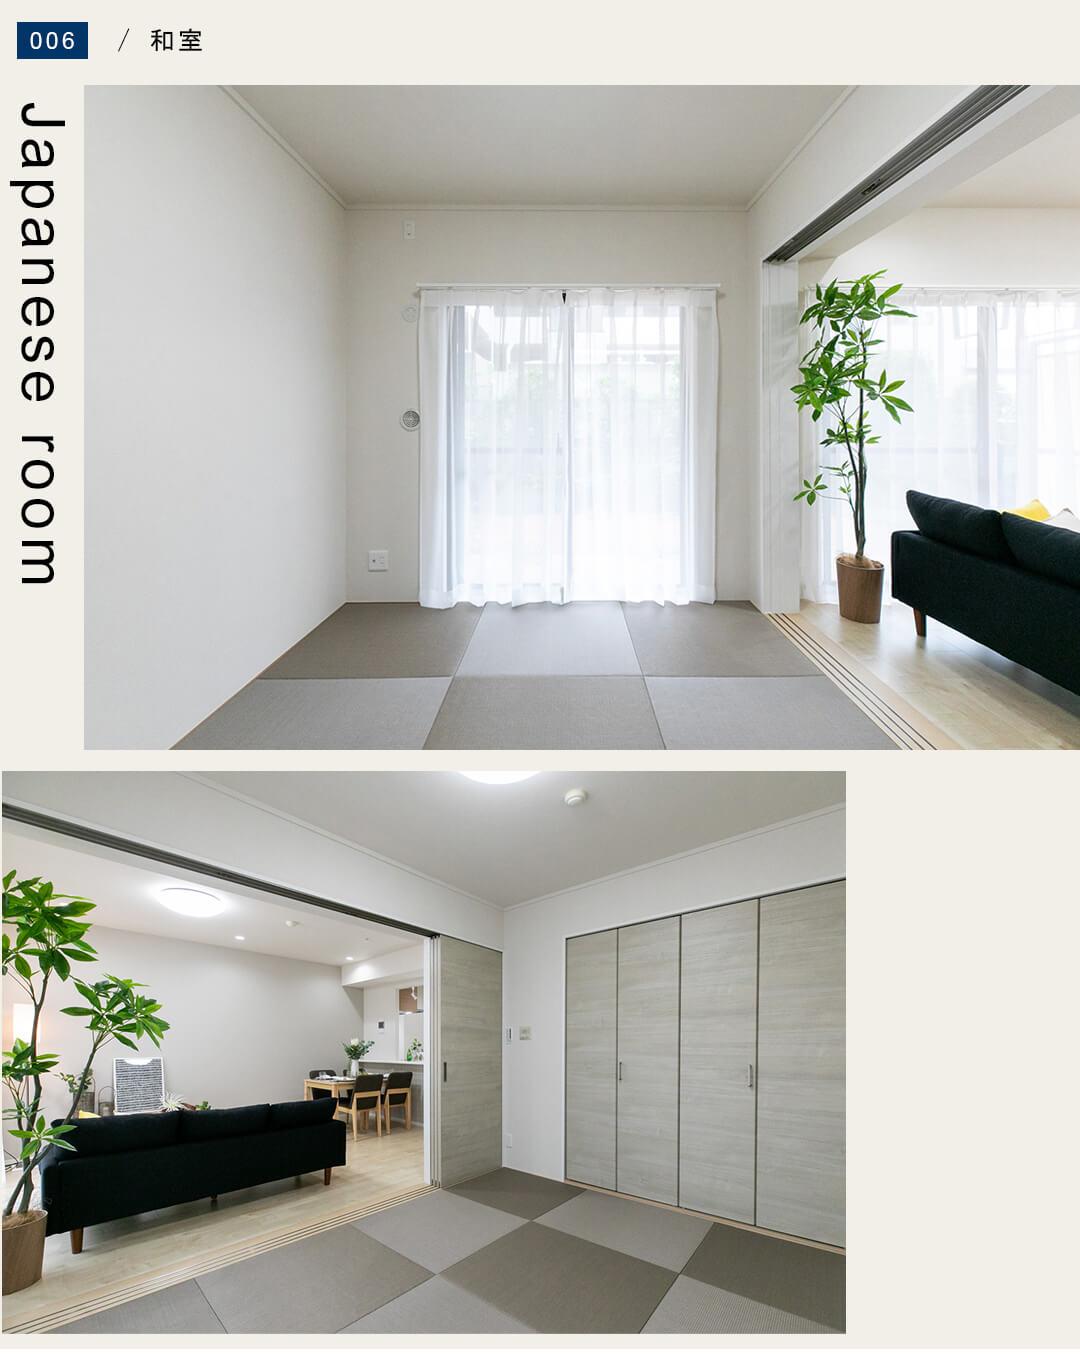 006和室,Japanese room